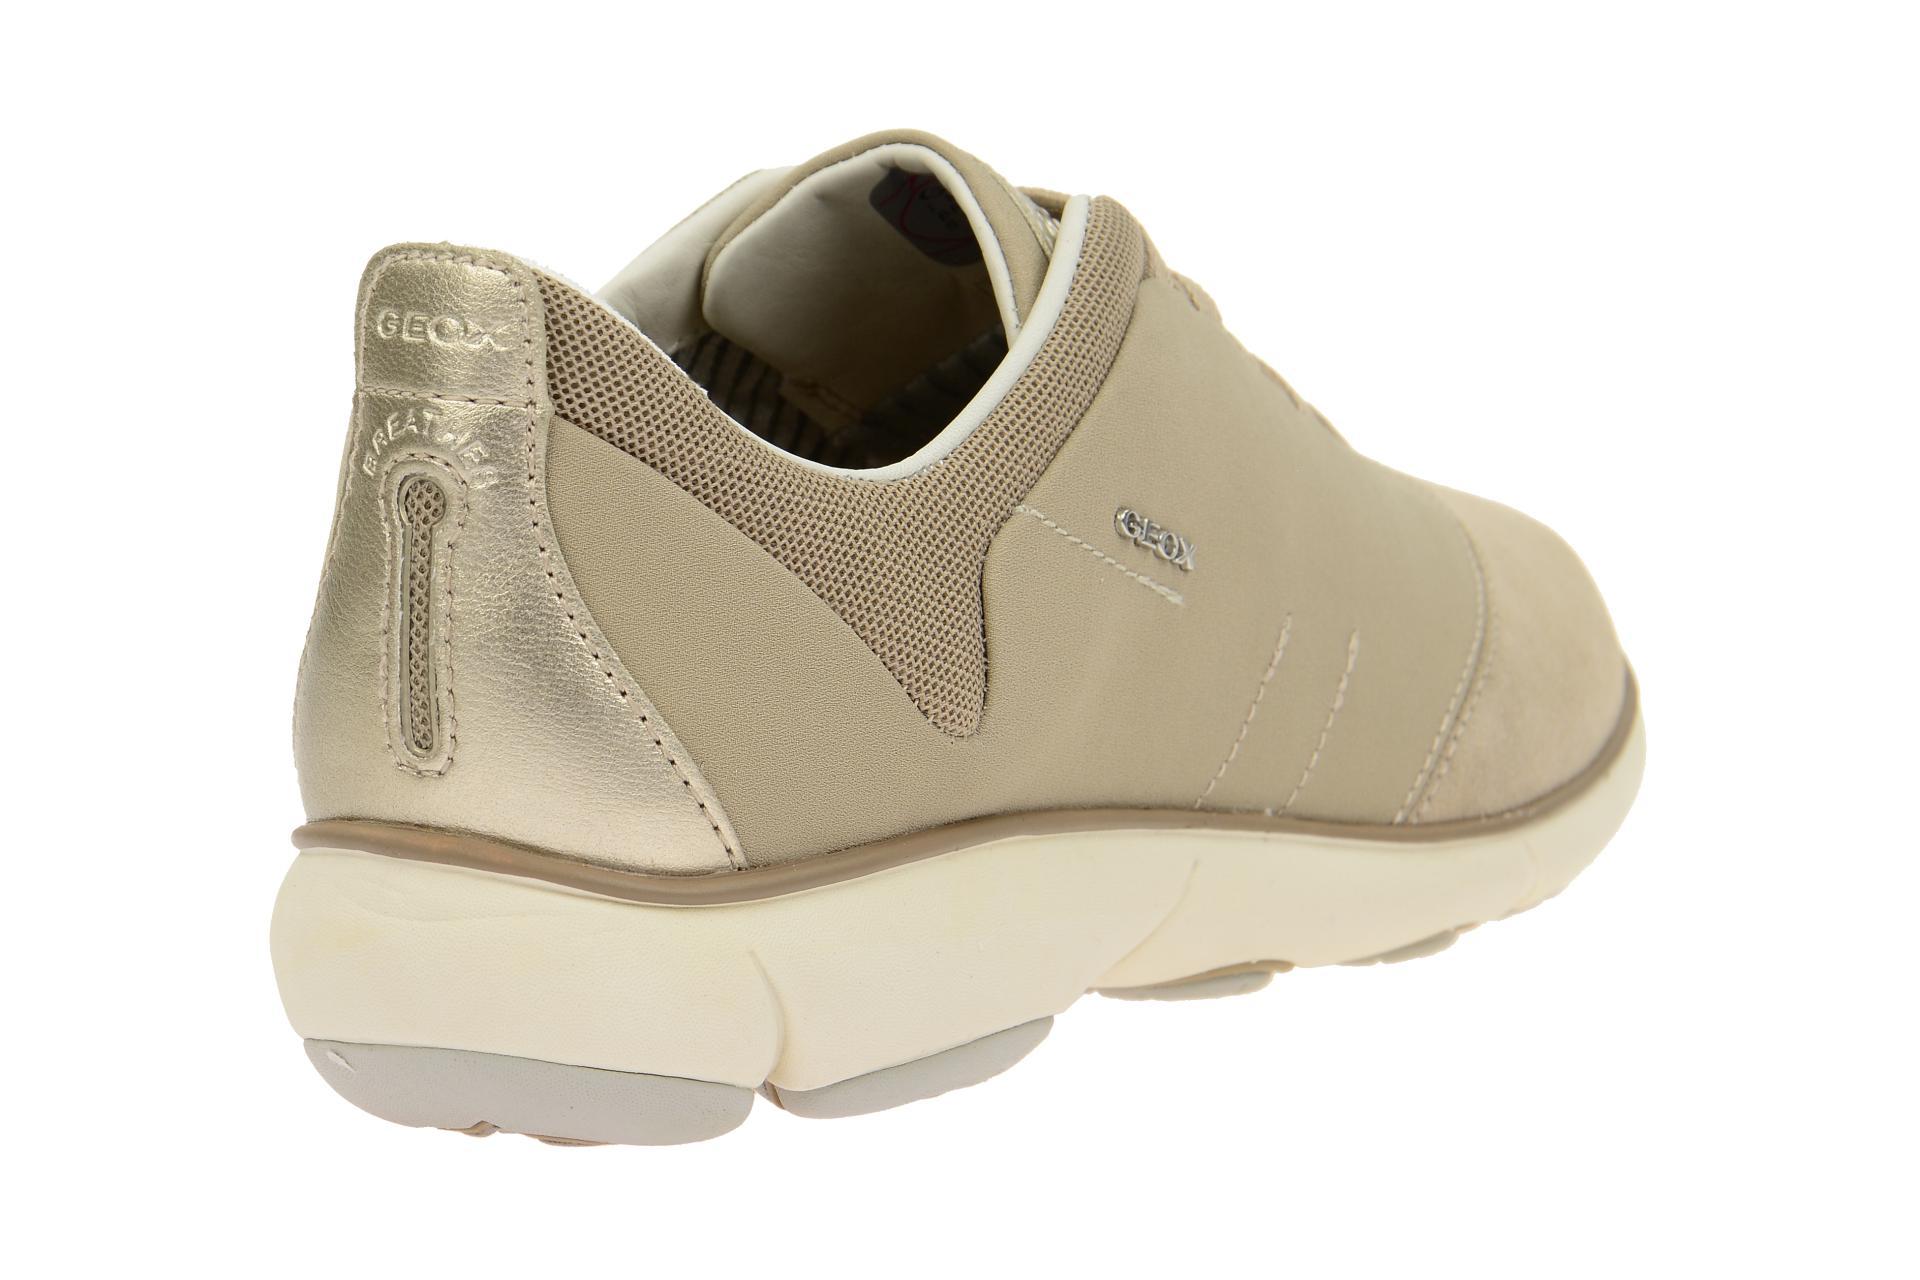 Details Neu Schuhe C6738 Geox Damenschuhe Bequeme Zu Slipper Beige 01122 Nebula D621ec D9e2WYEHI